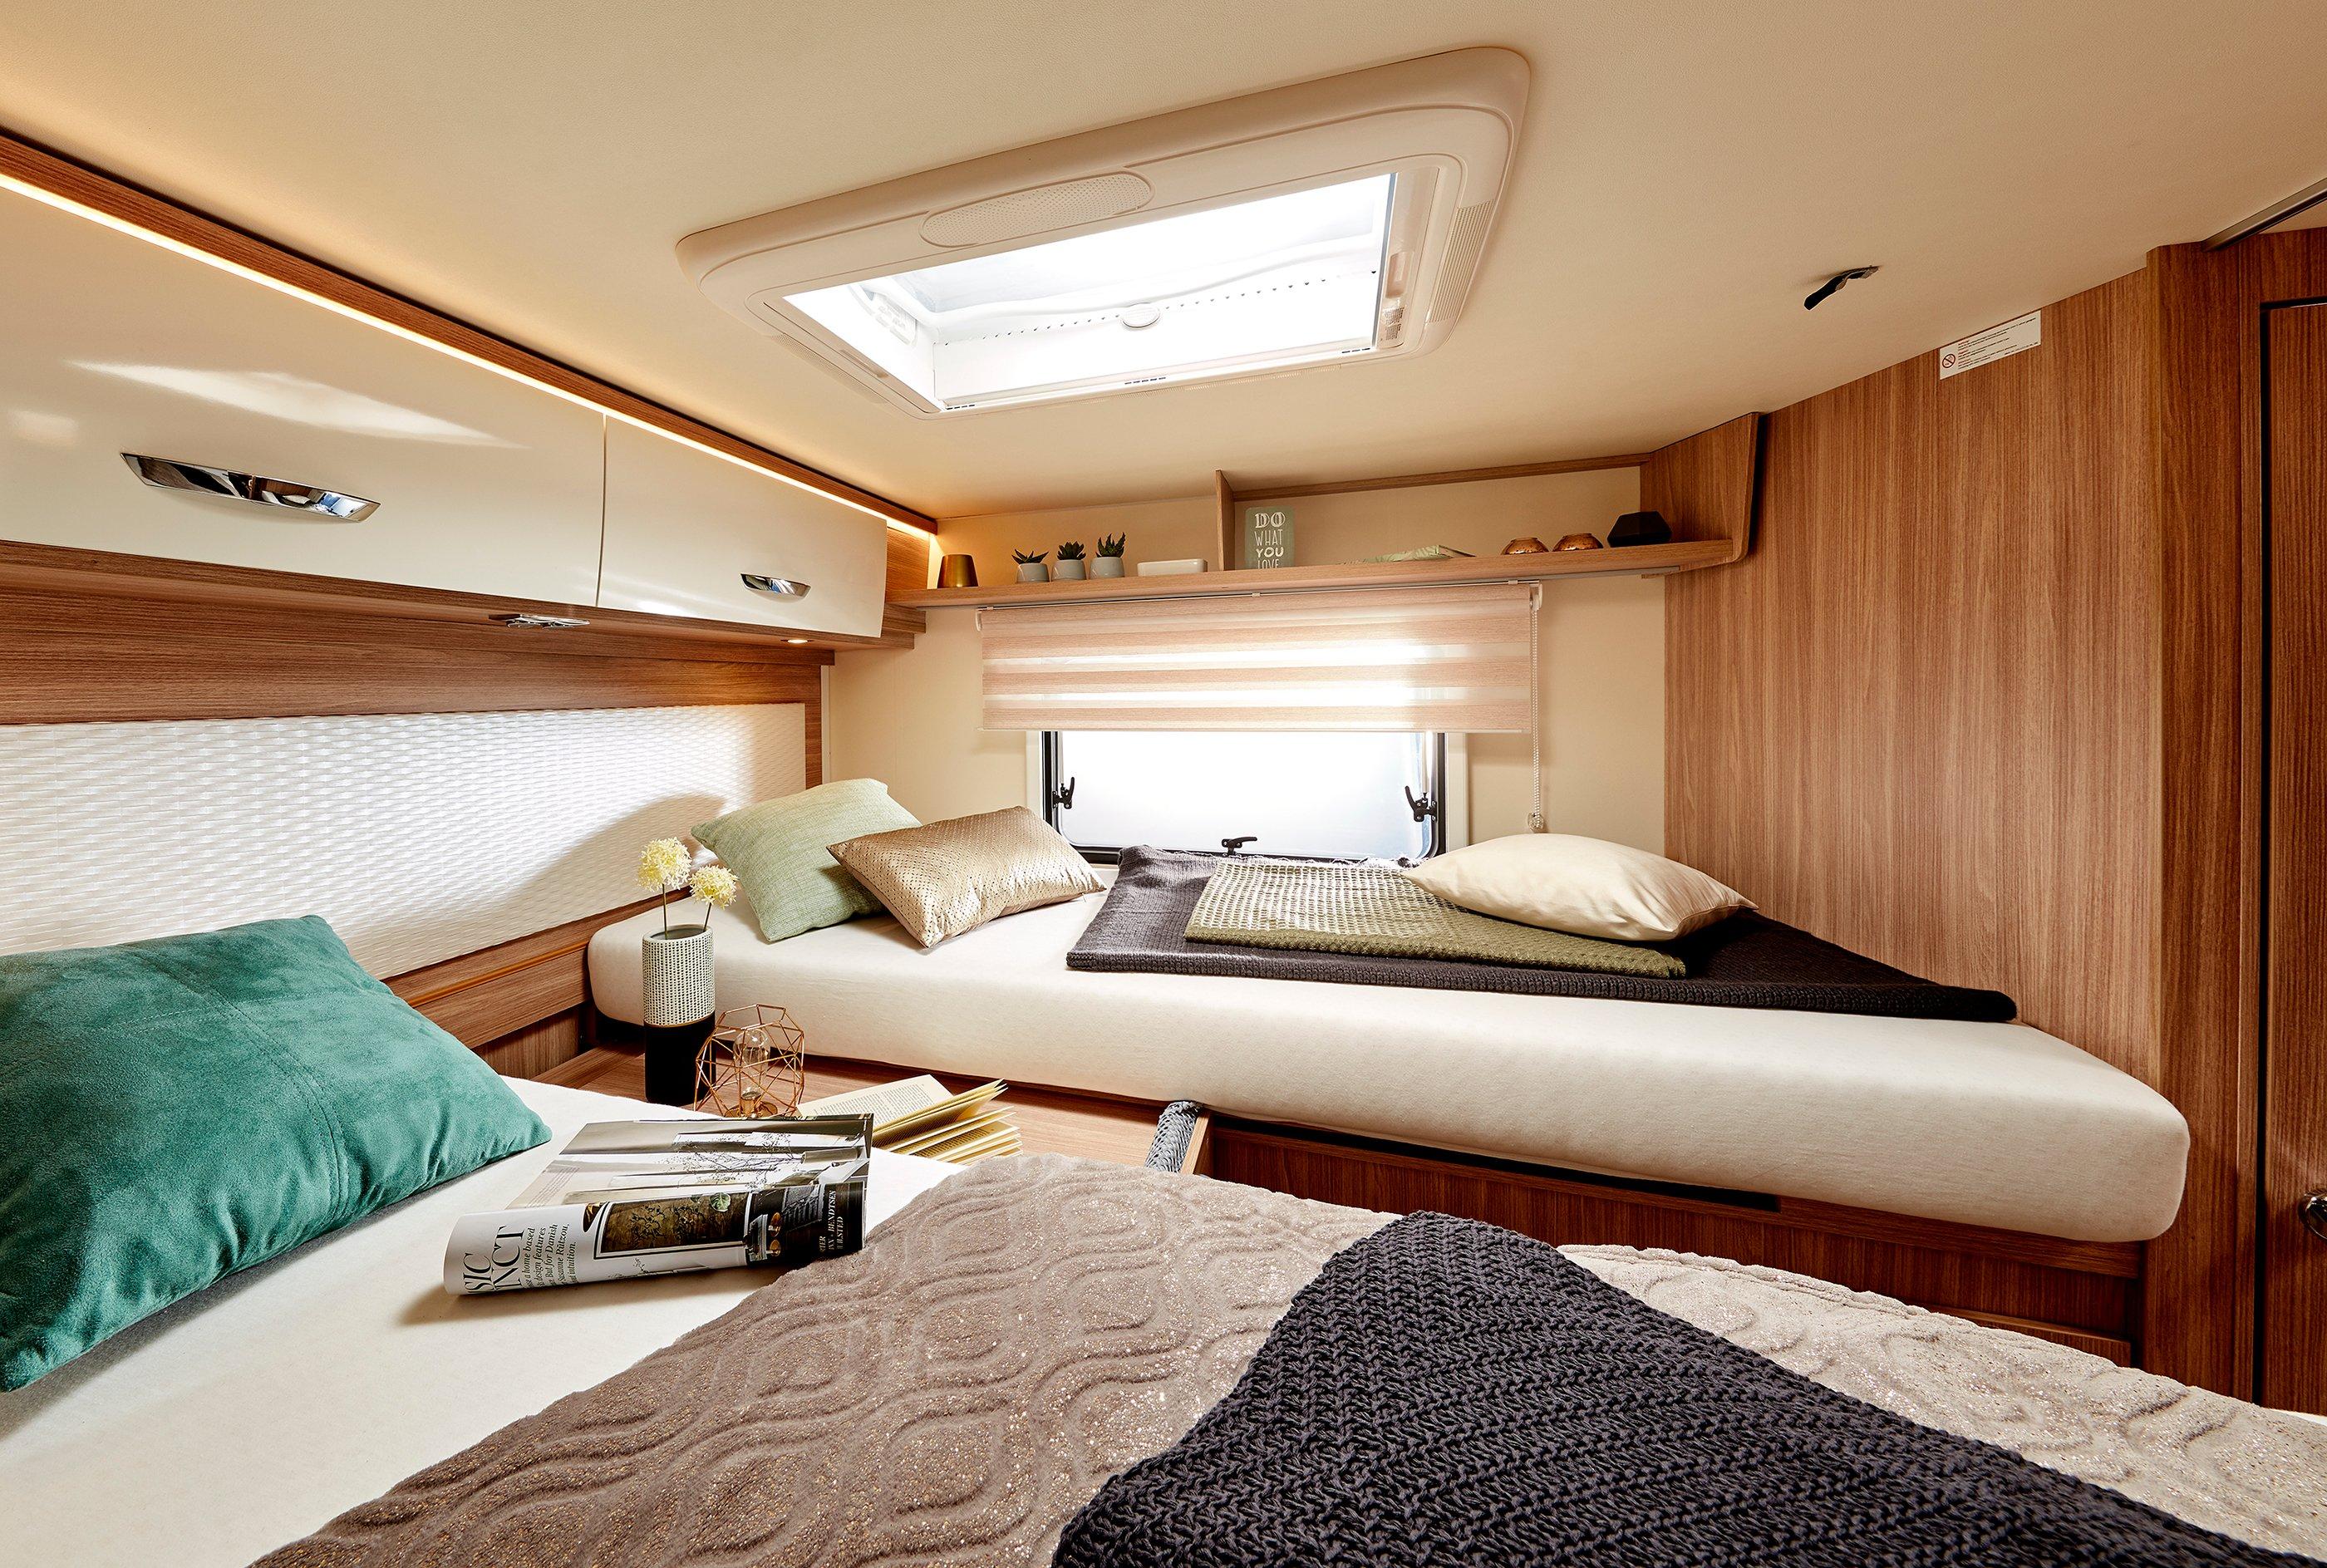 Interior bed Bürstner Lyseo TD727G